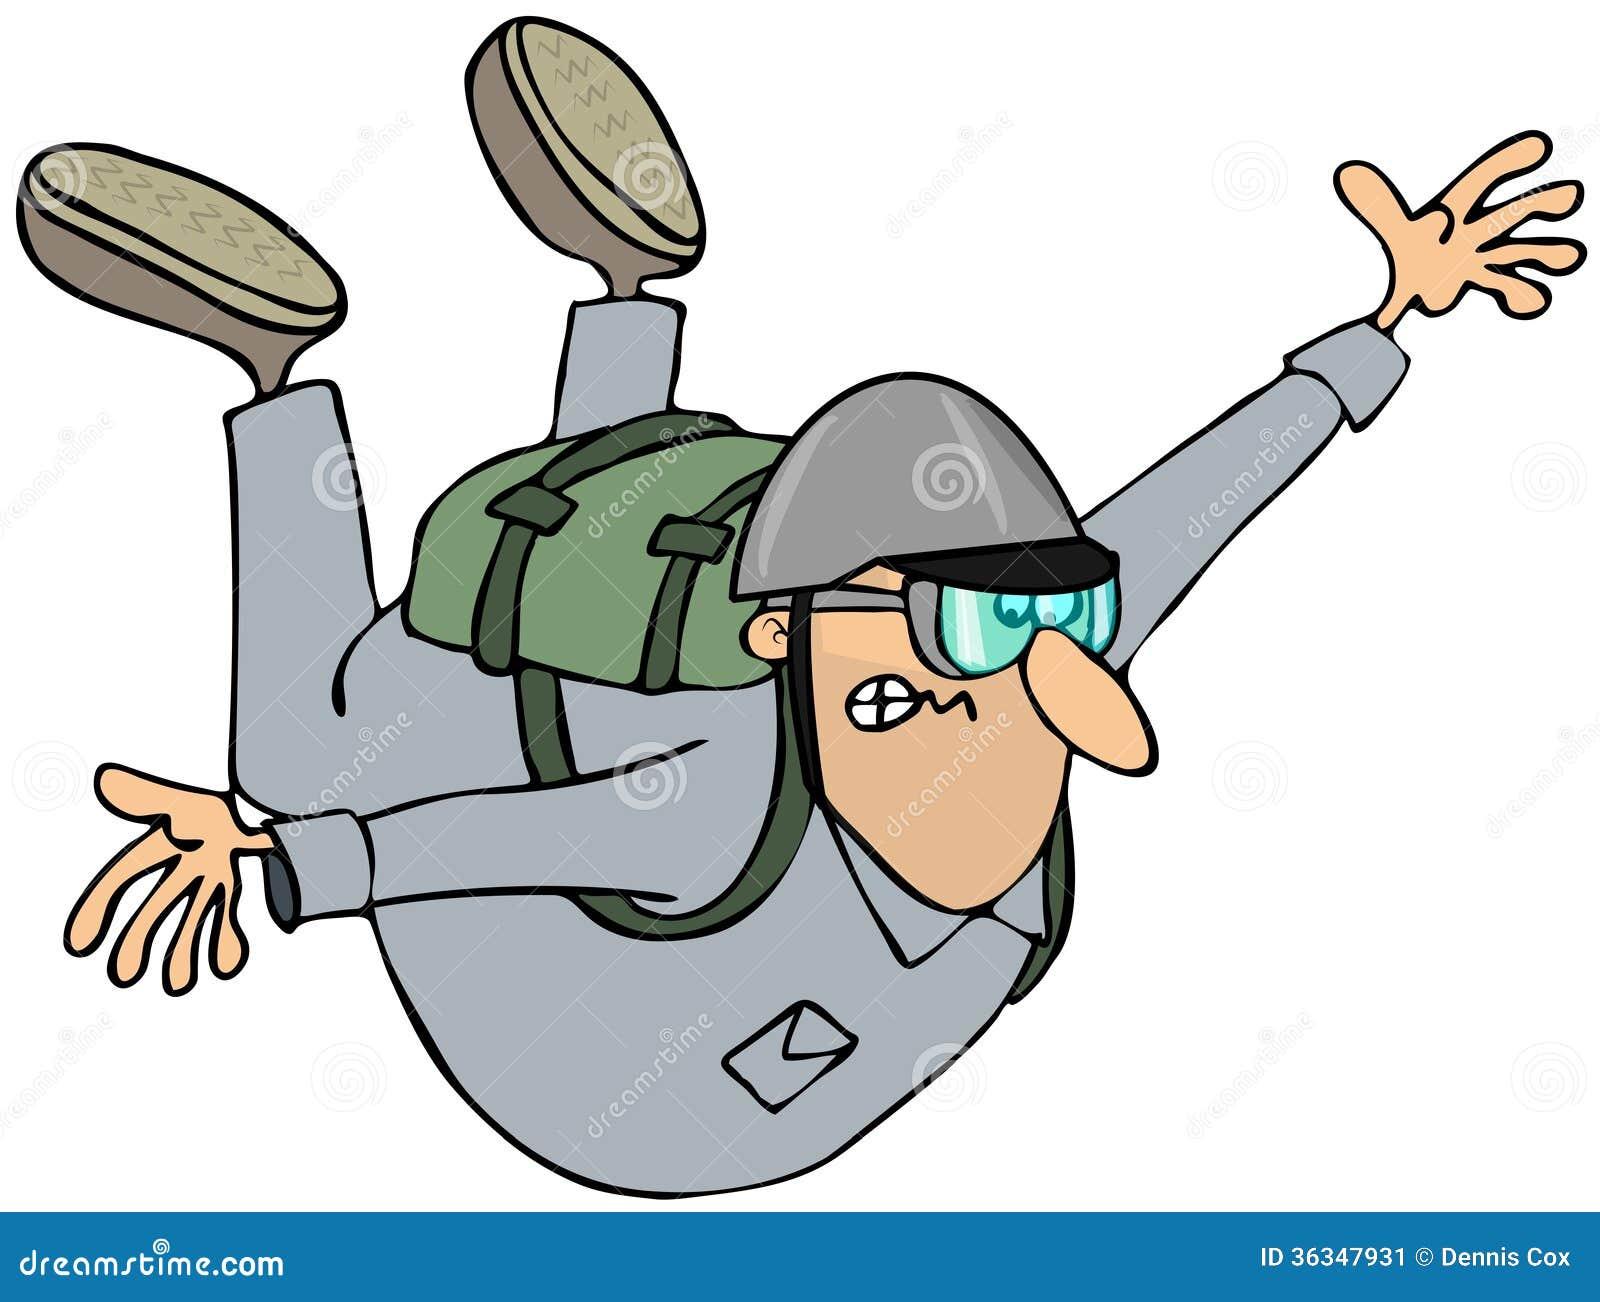 cartoon clipart parachute - photo #44